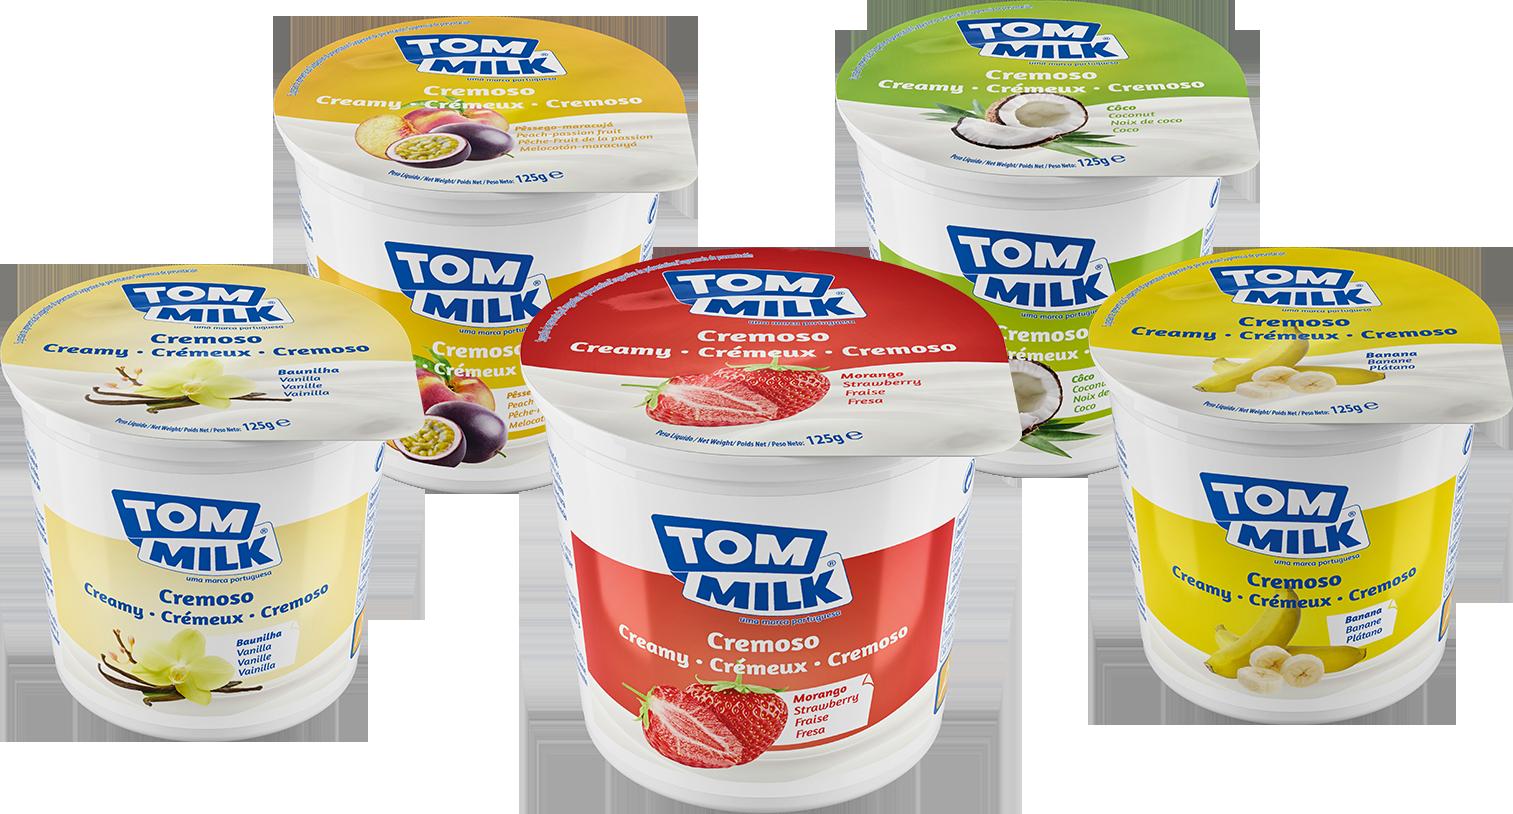 design gráfico Bolos, bolachas e iogurtes.